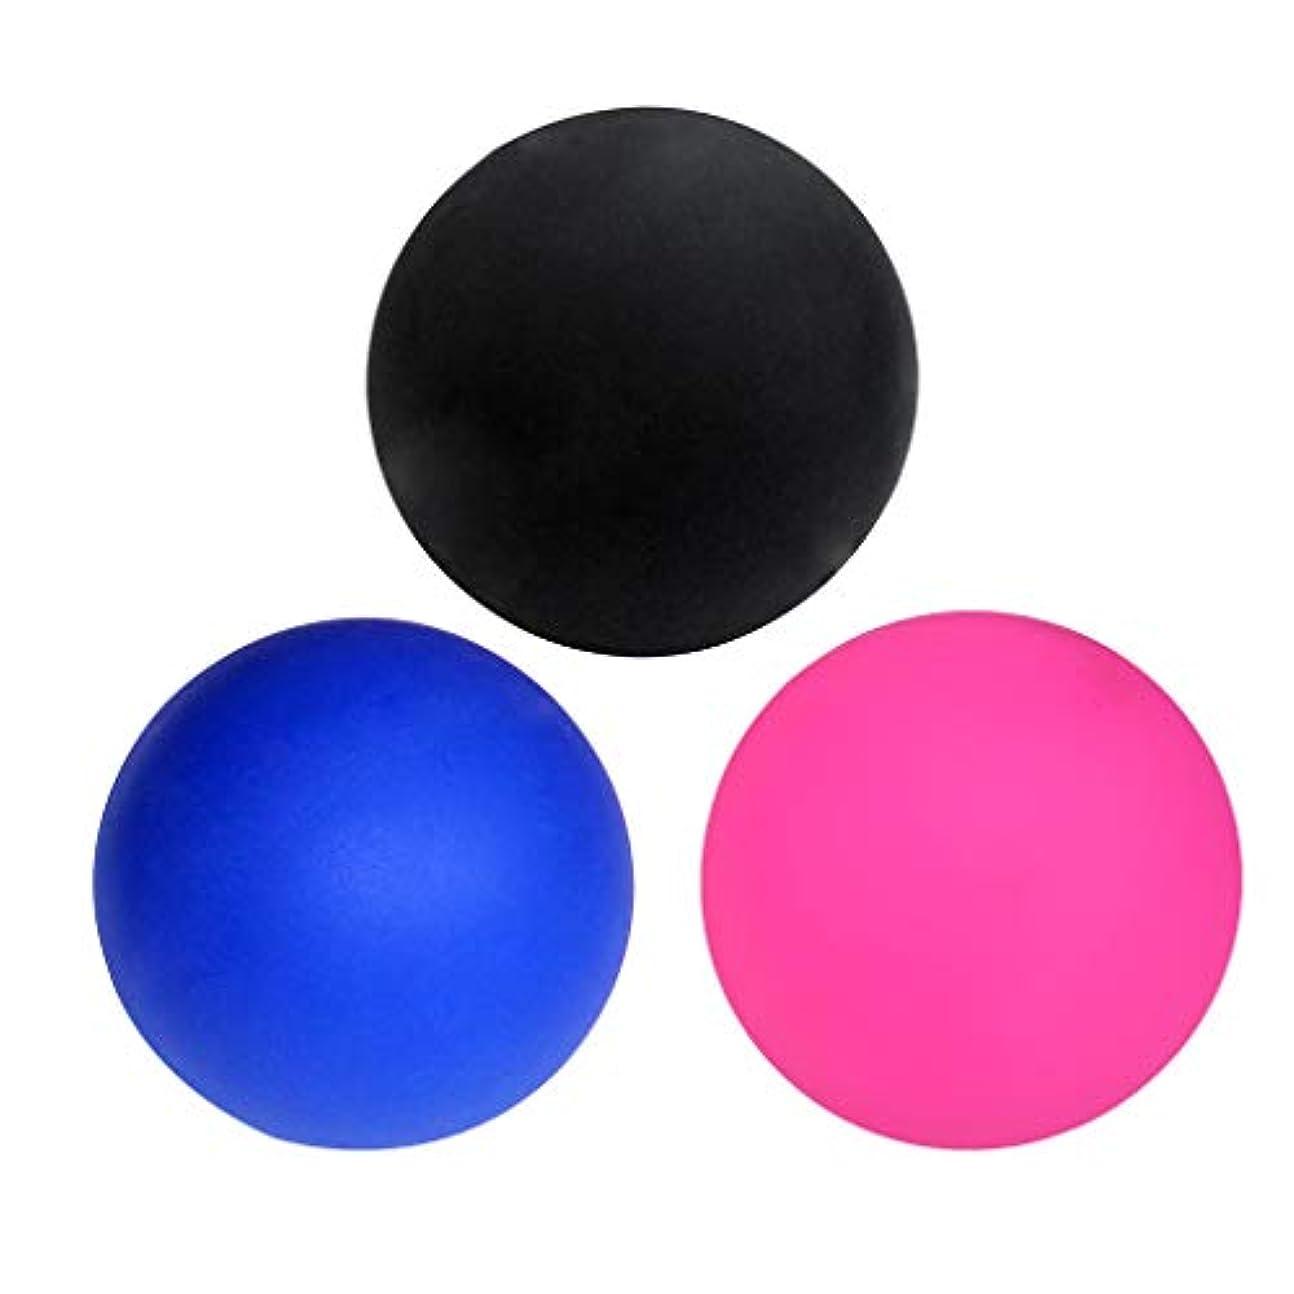 デイジー節約する持っているdailymall マッサージボール ラクロスボール トリガーポイント 筋膜リリース トレーニング ツボ押しグッズ 3個入